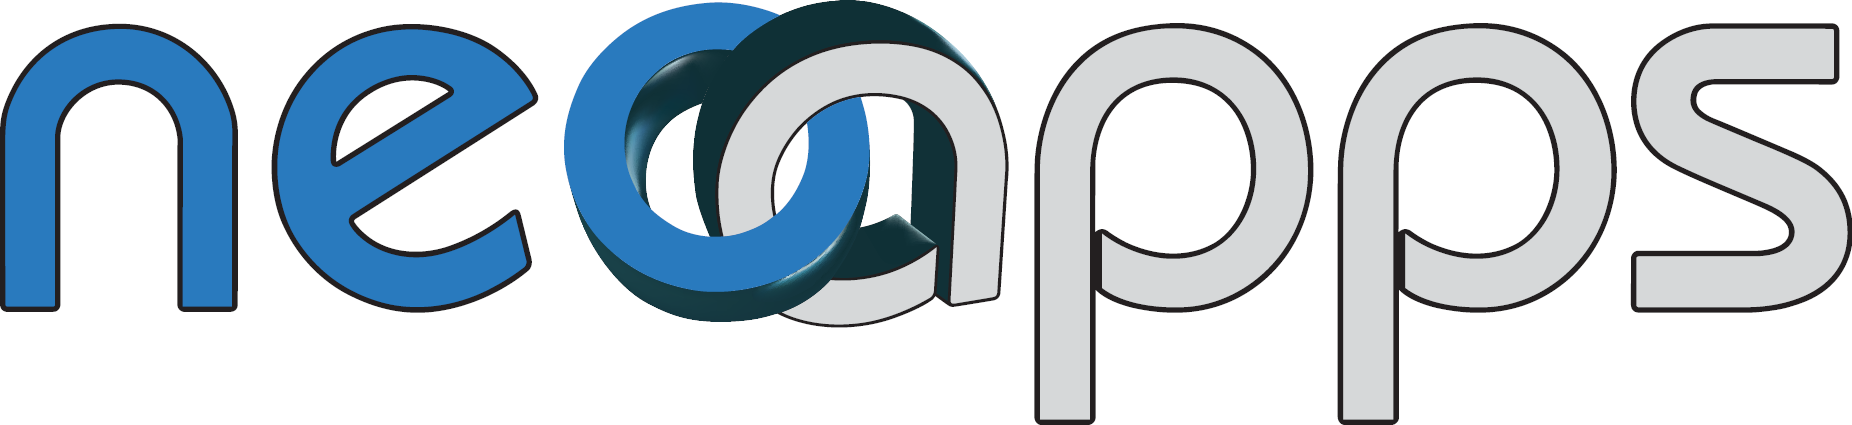 neoapps logo